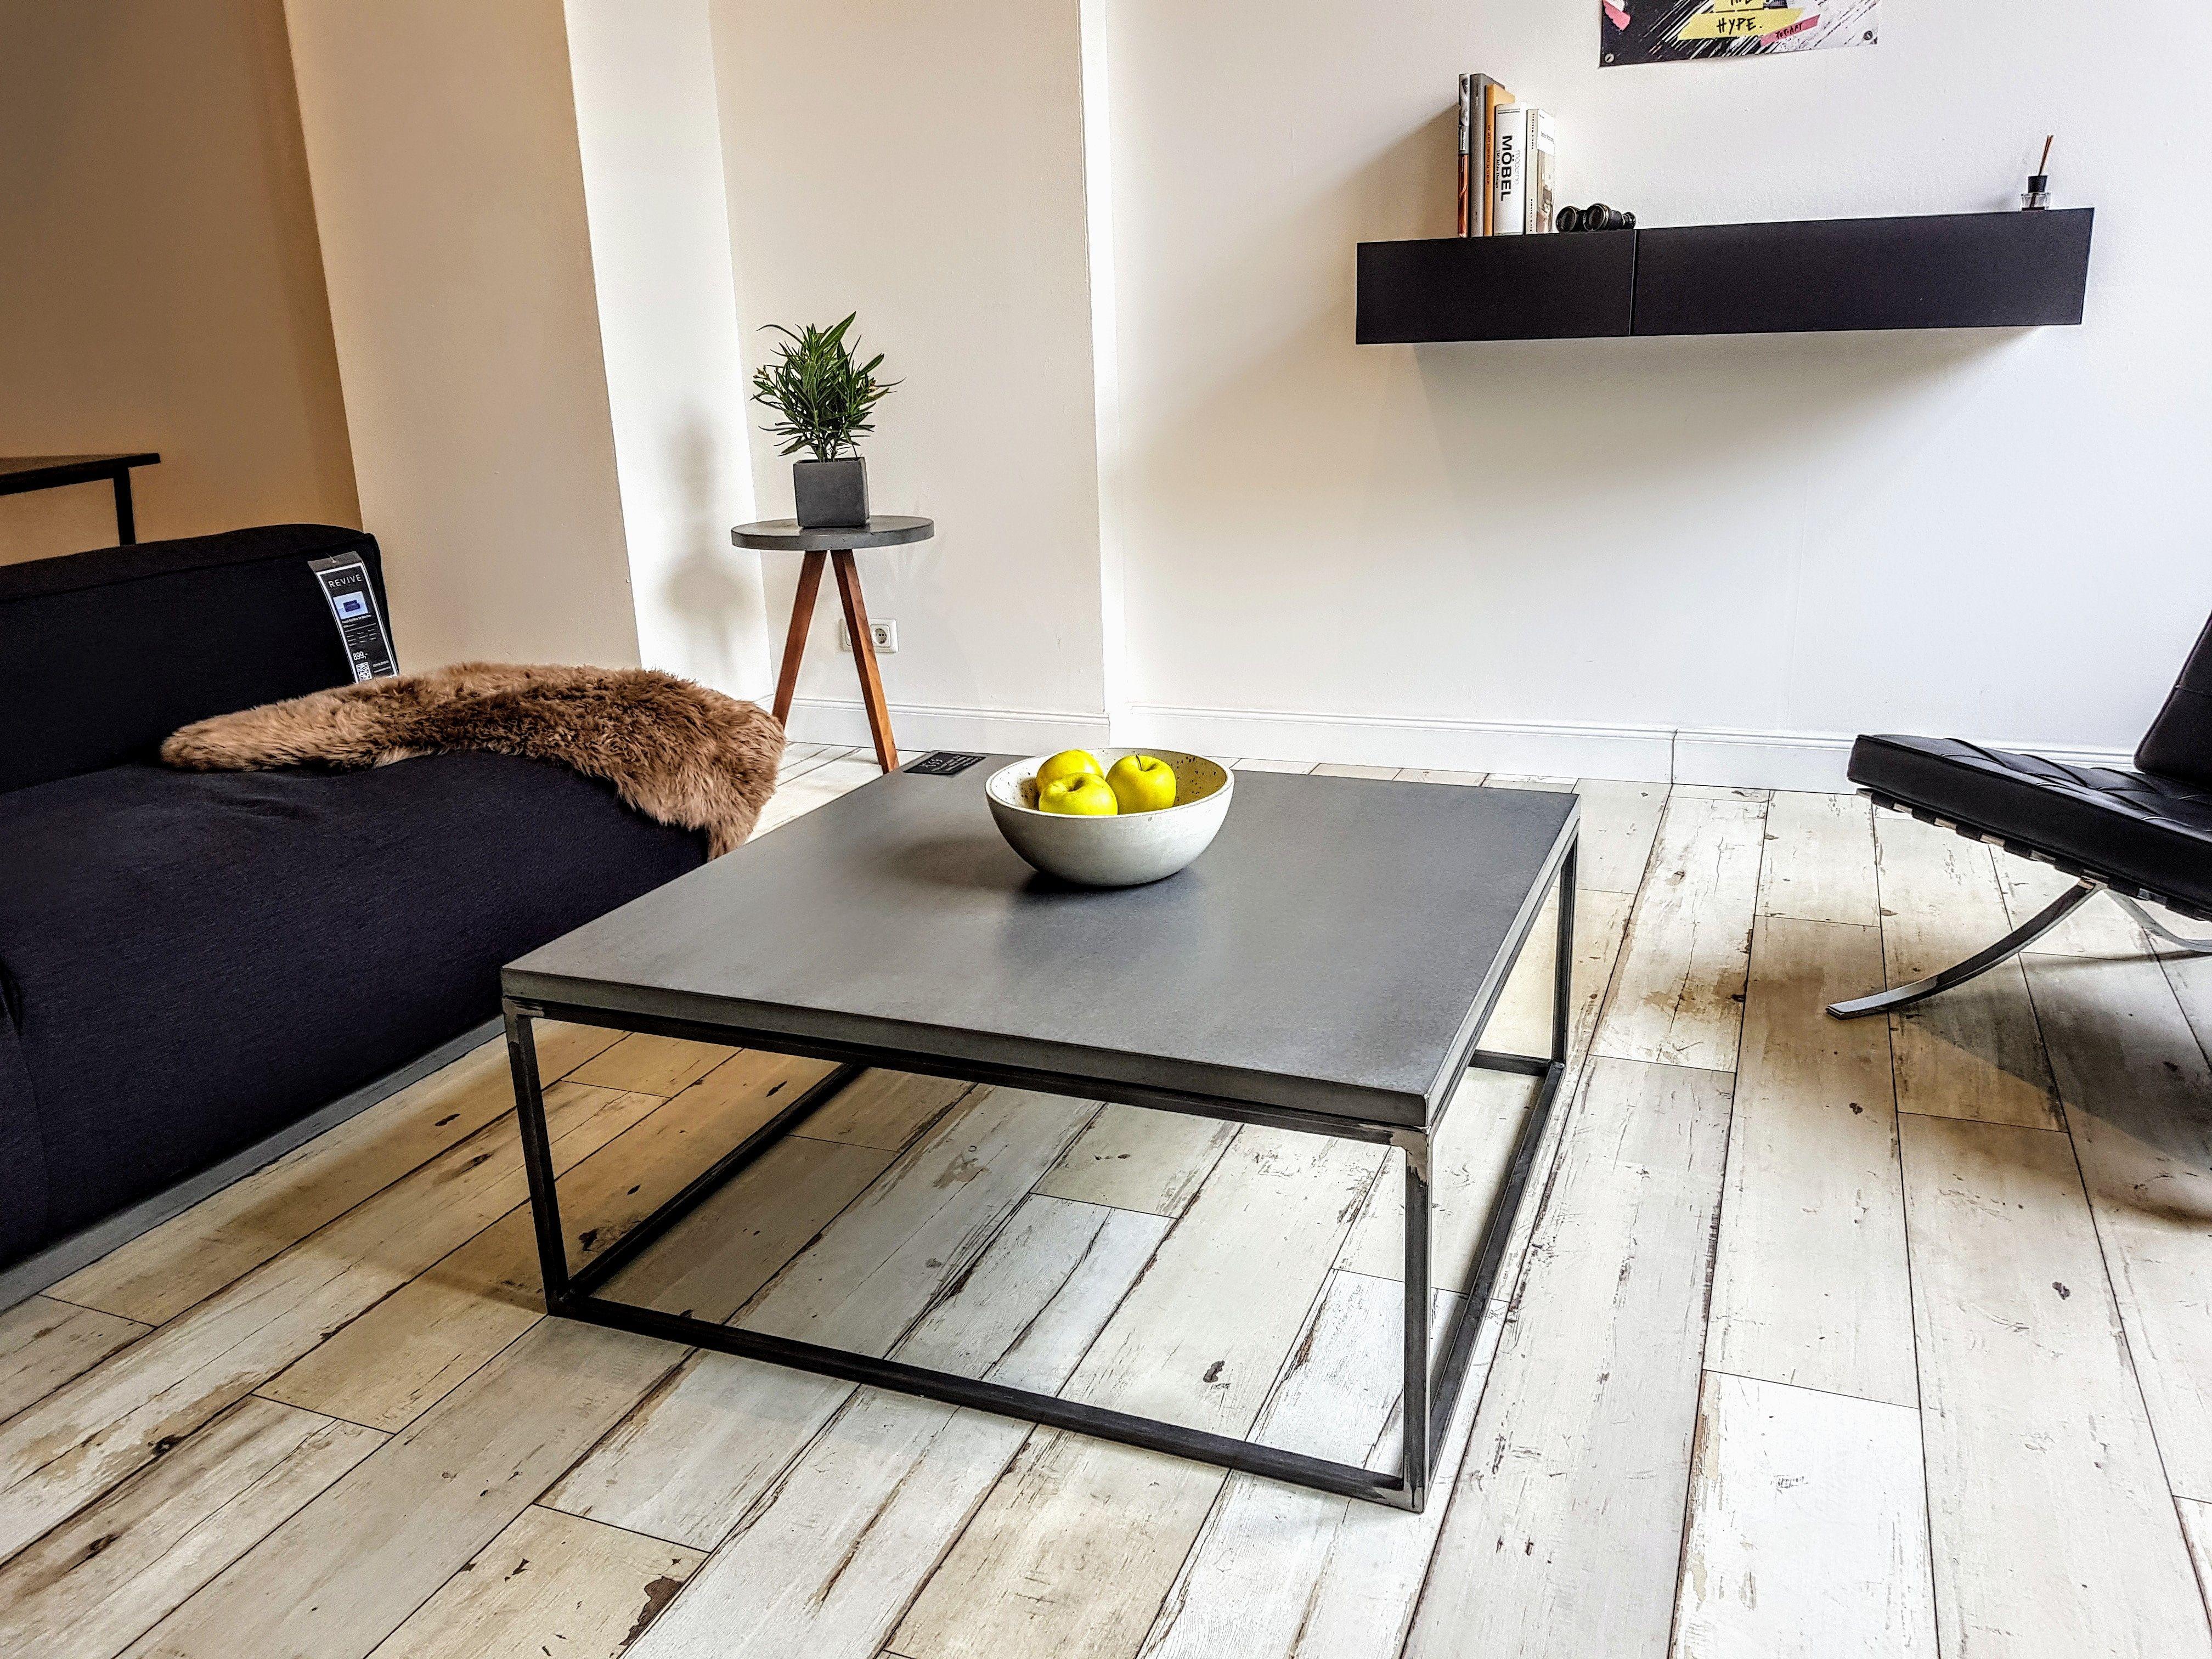 Mesa Xxl Holz Couchtisch Schwarz O 100 Cm Online Kaufen Versandkostenfrei Innerhalb Der Schweiz Kauf Auf Rechnung Moglich Couchtisch Schwarz Couchtisch Tisch